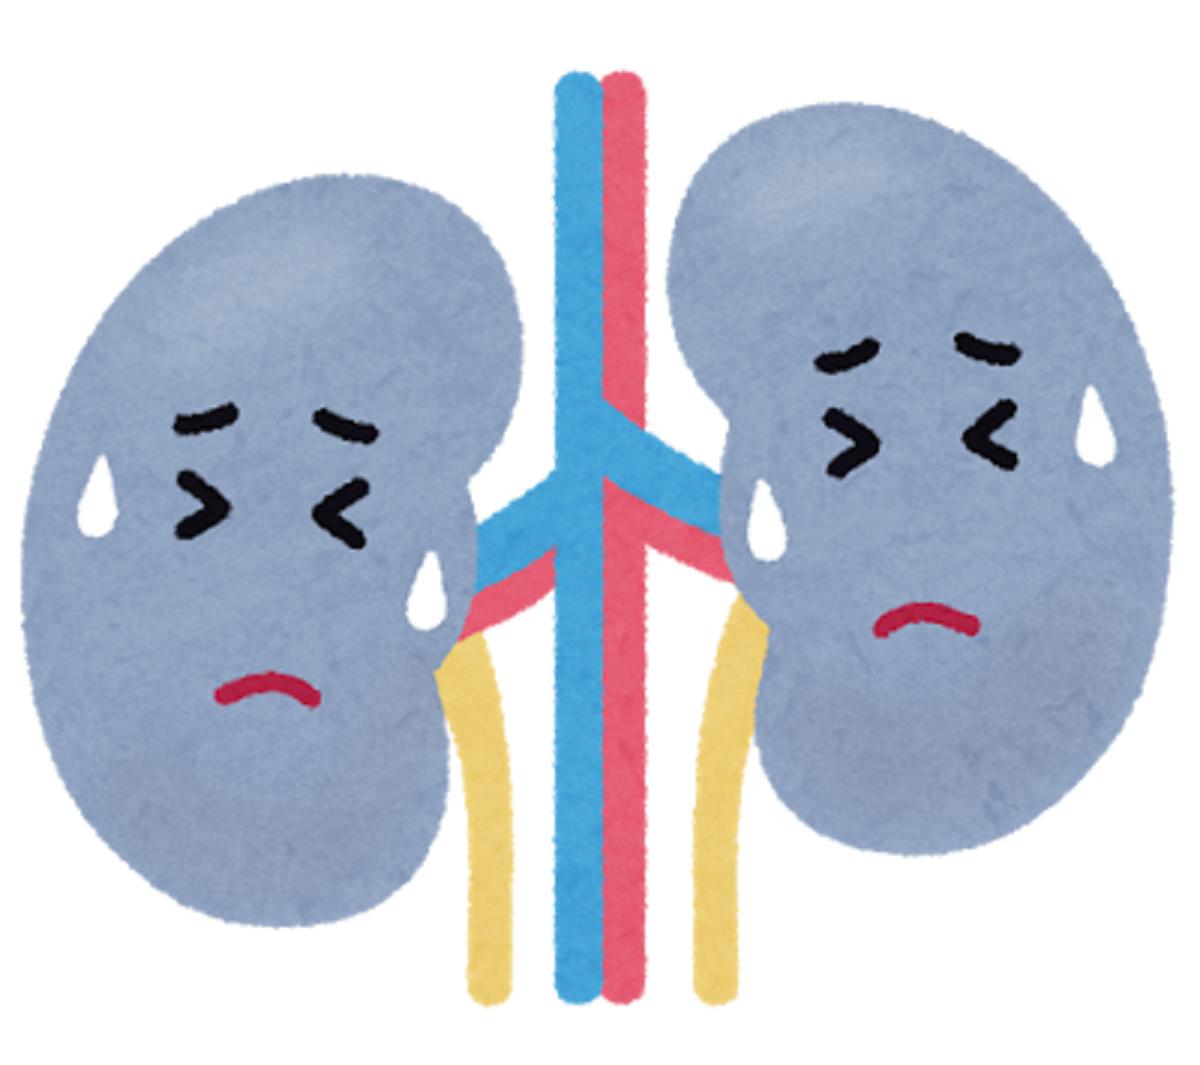 ベザフィブラート(ベザトール®)と腎機能について